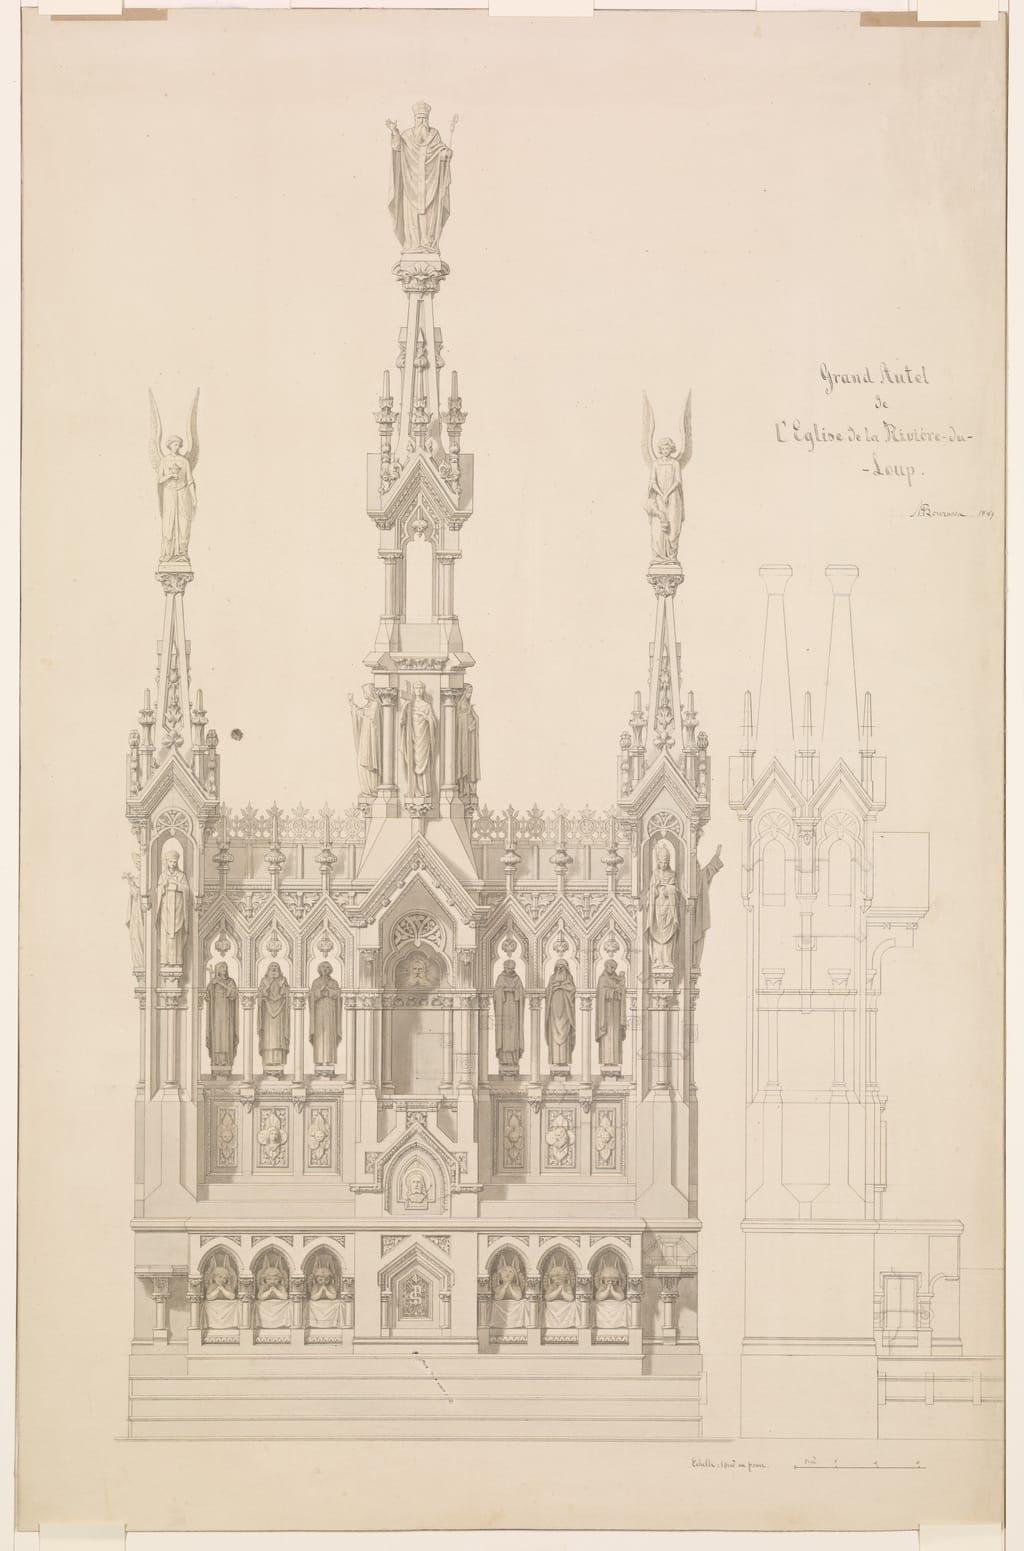 Projet de maître-autel pour l'église Saint-Patrice de Rivière-du-Loup. Élévation et coupe transversale